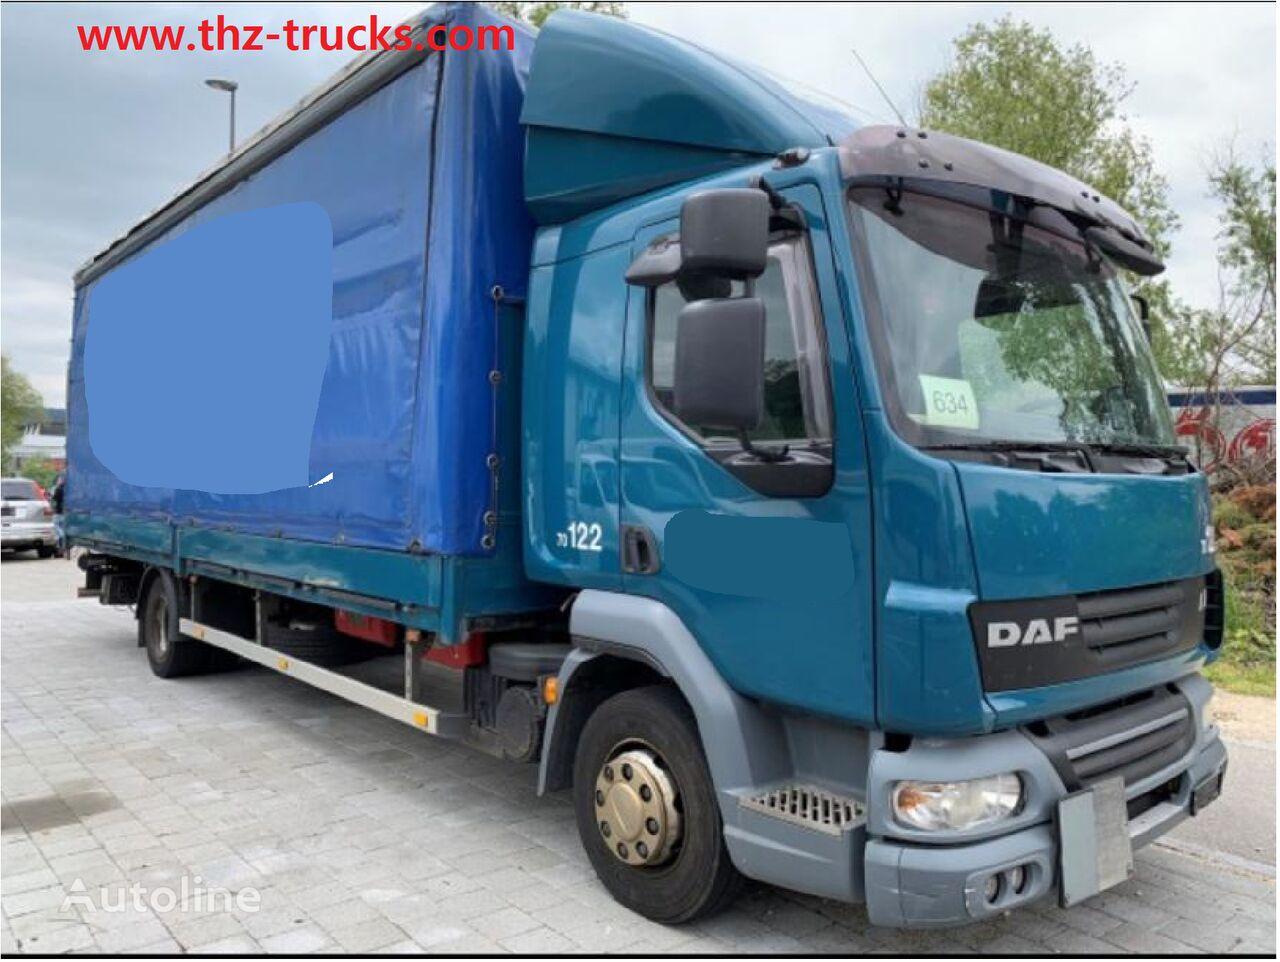 DAF LF45.250 curtainsider truck